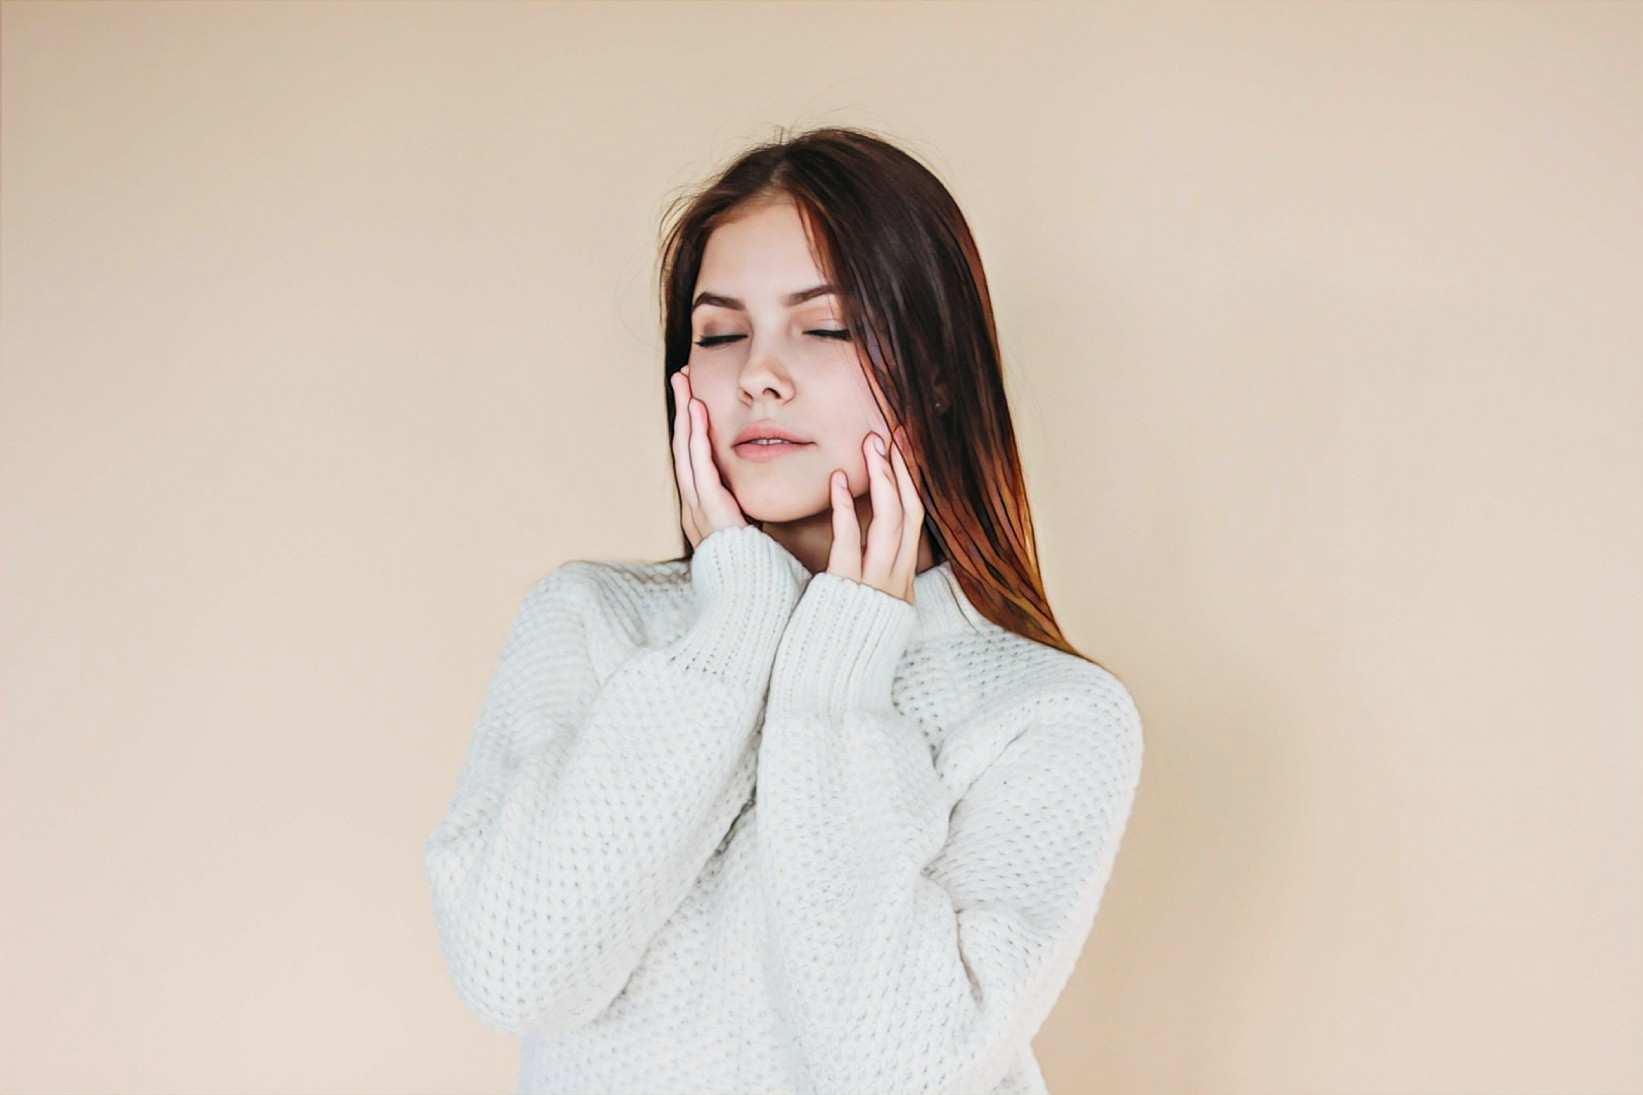 результат лечения кистозного акне у специалиста